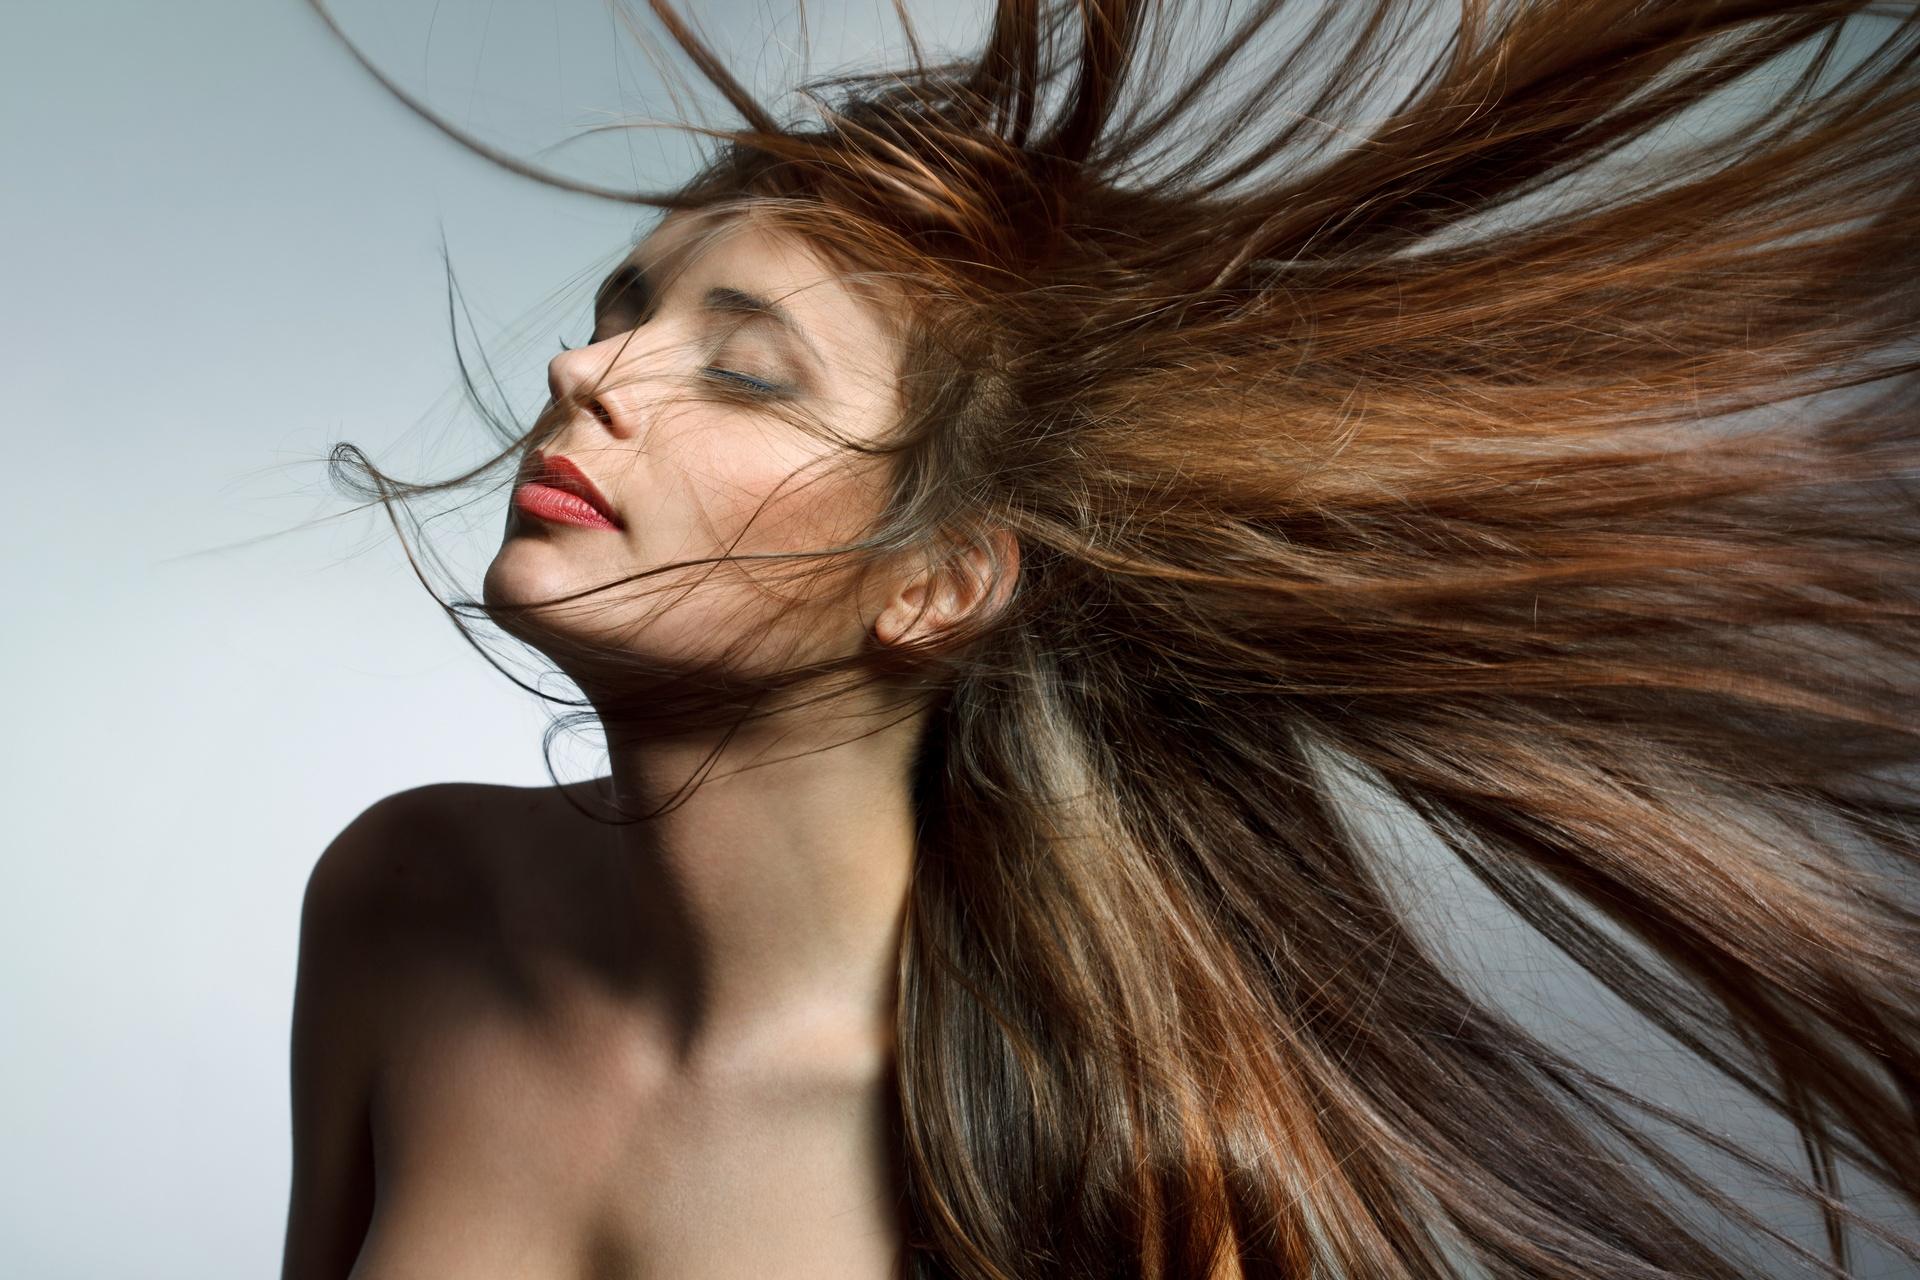 картинка волос на ветру девушек